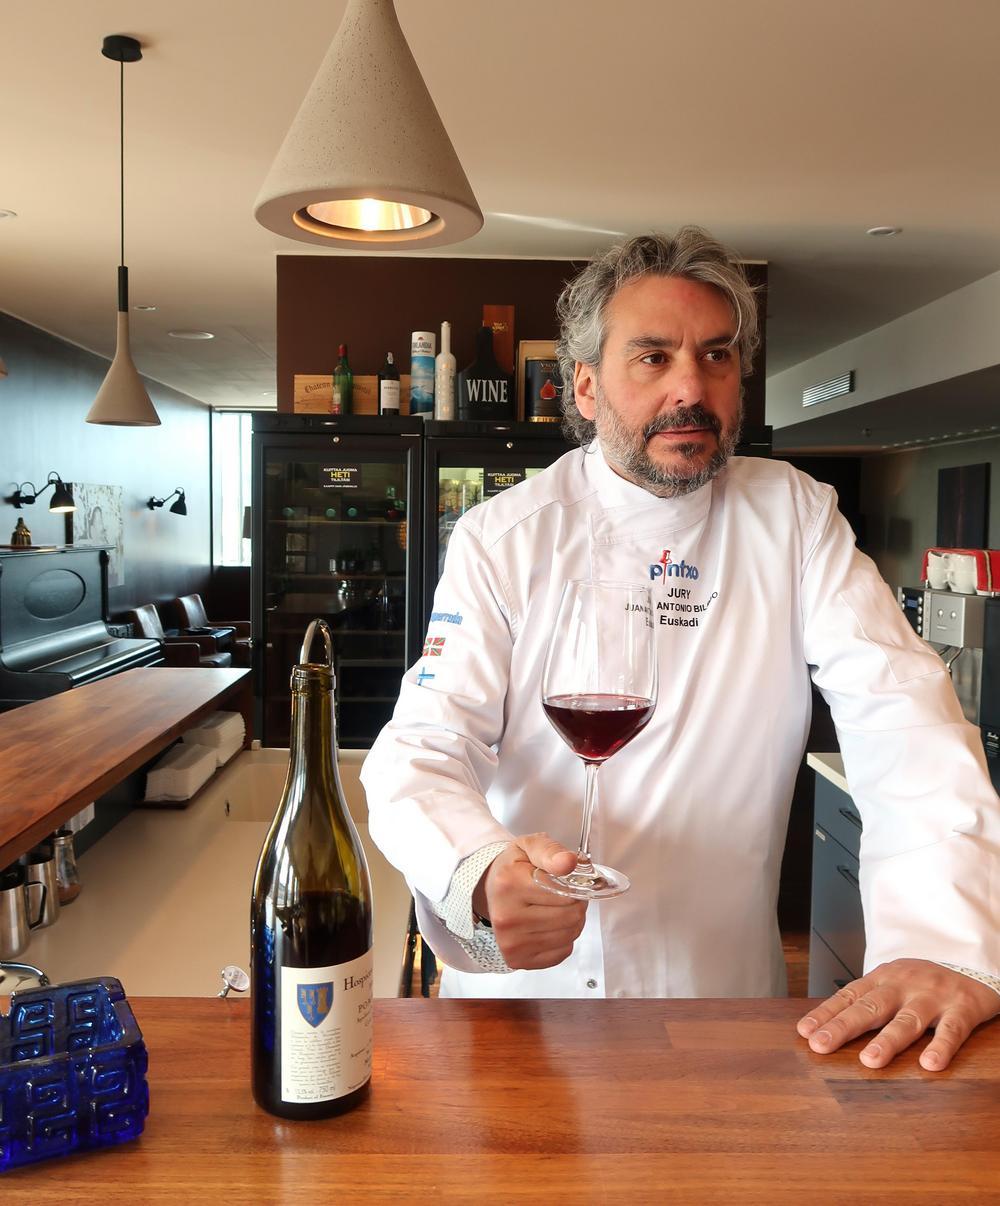 Baskilainen erikoistuomari Juan Antonio Bilbao arvioi ravintoloiden kokonaistarjontaa.